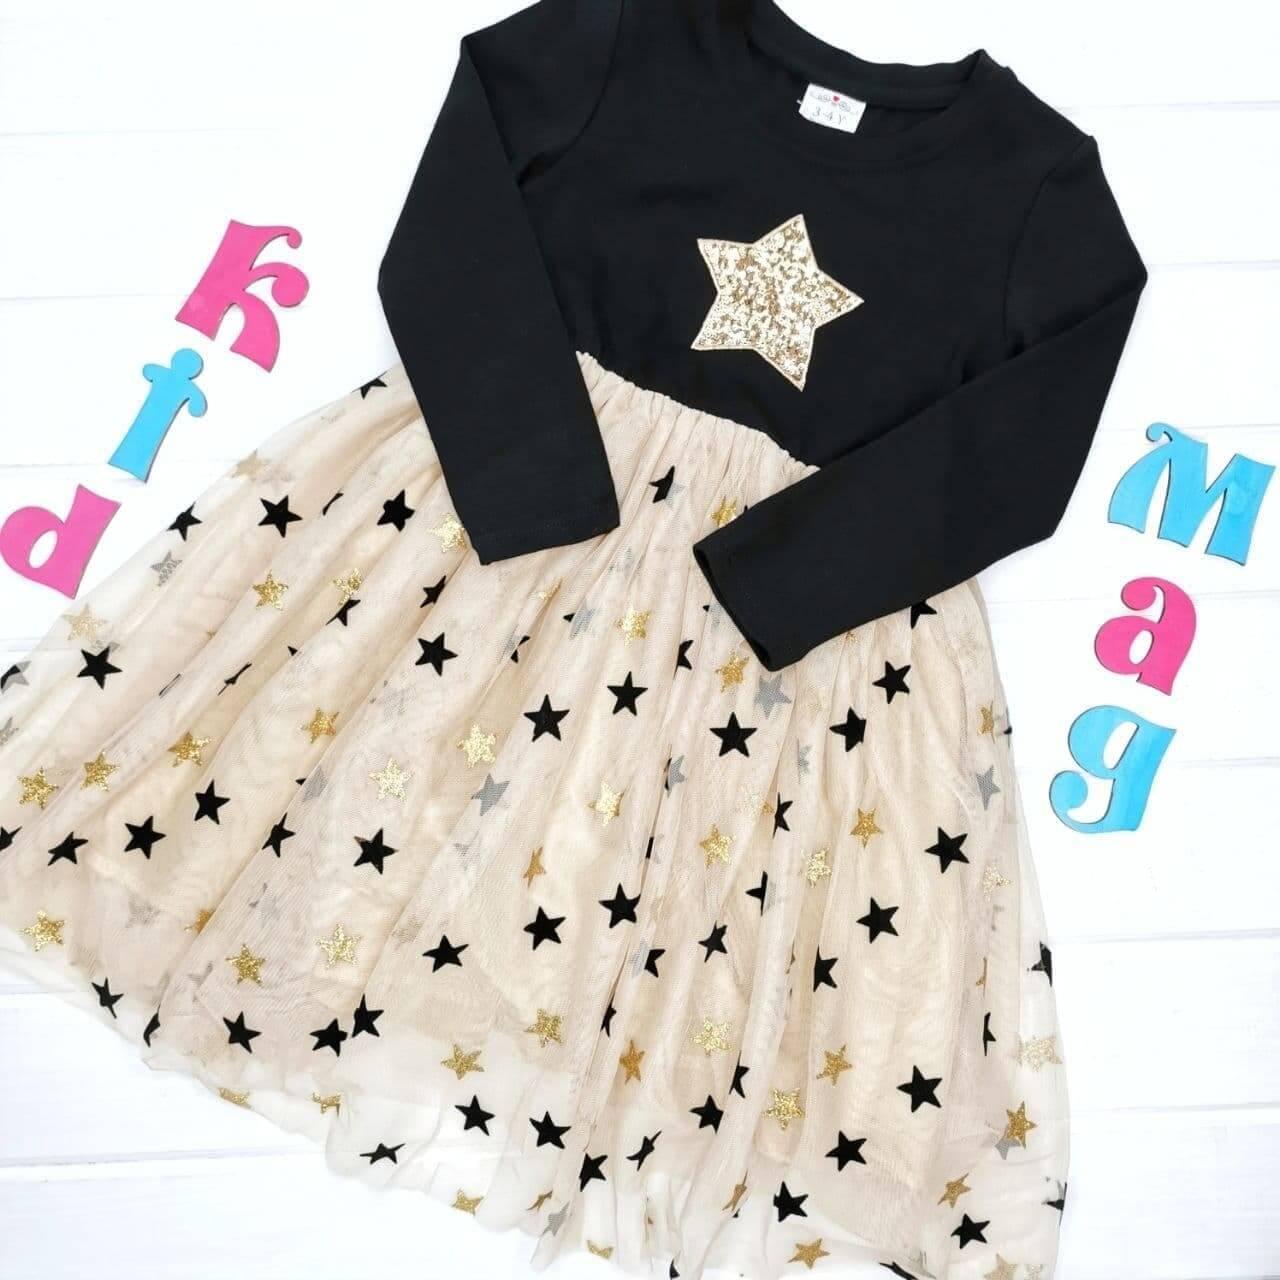 """Нарядное платье с фатиновой юбкой """"Звездное небо"""" на 4-5 лет"""